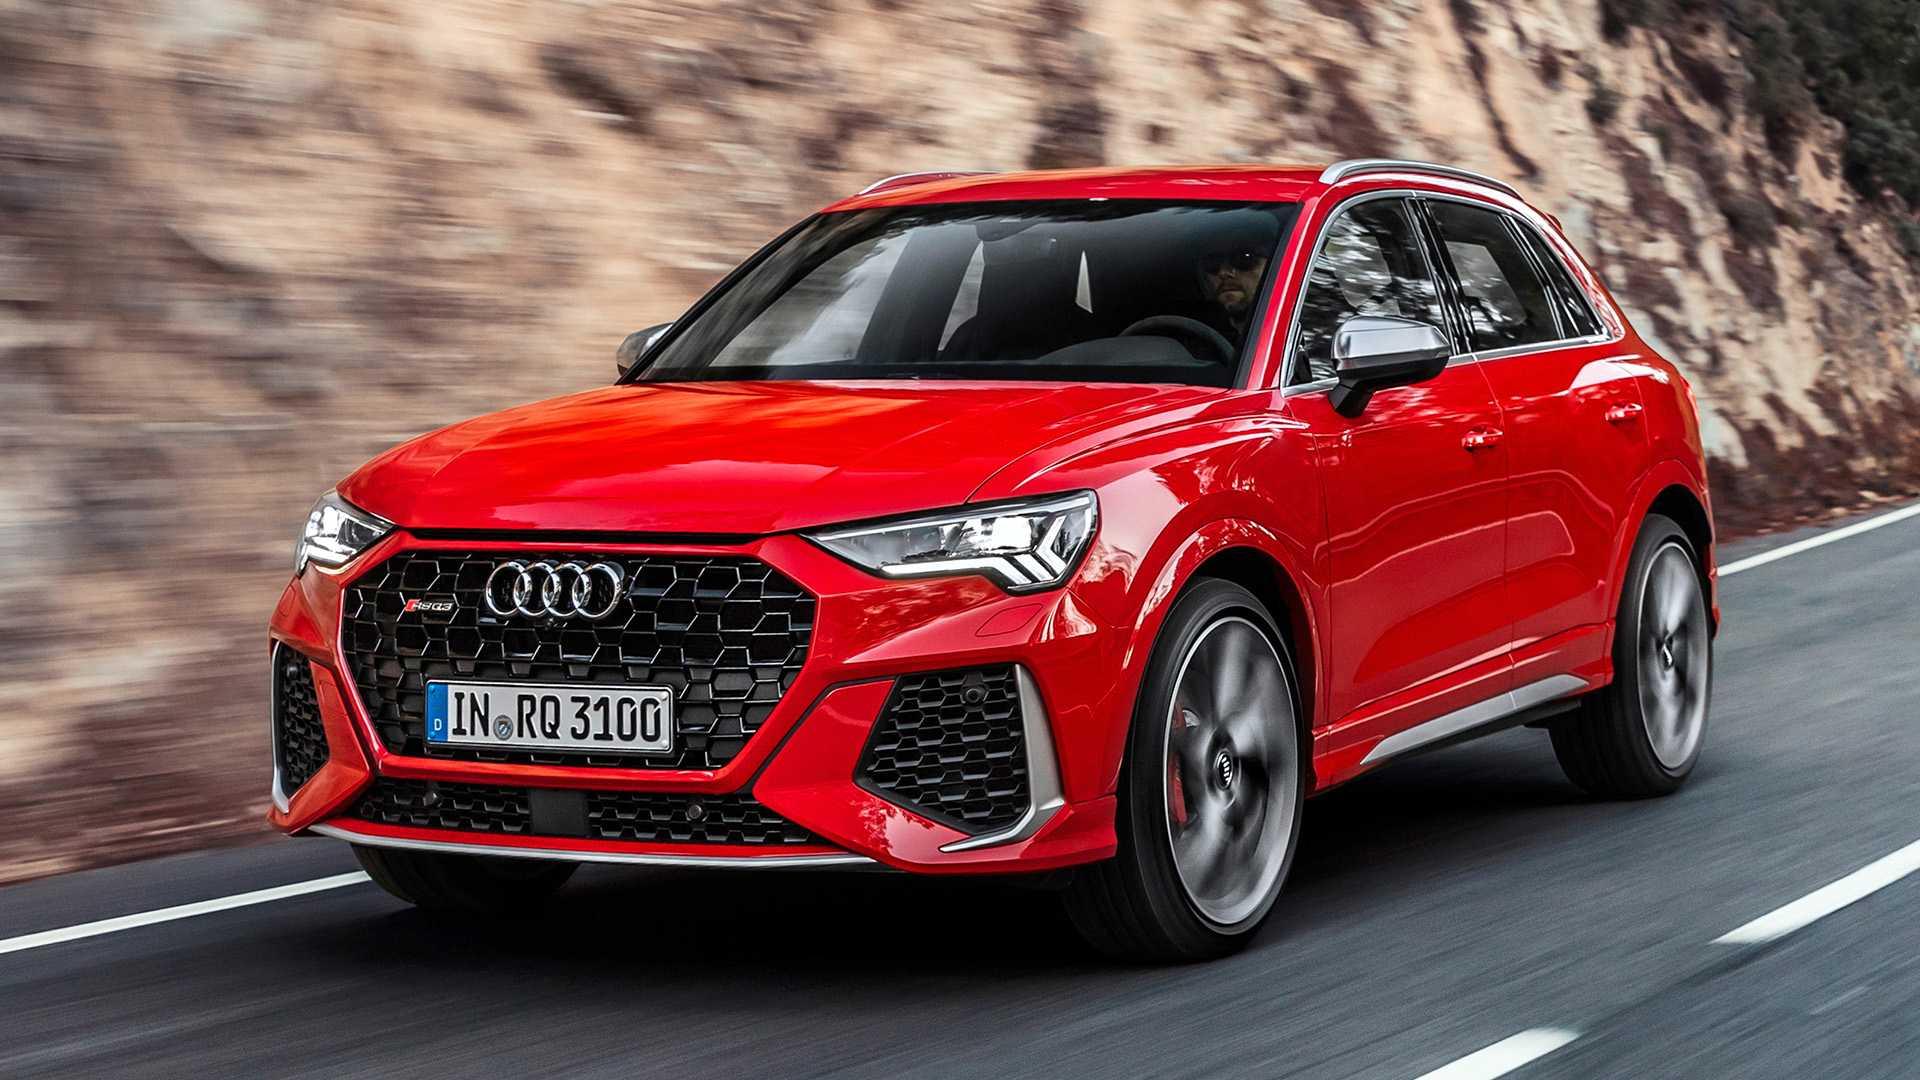 Audi inicia pré-venda de quatro modelos da família RS no Brasil